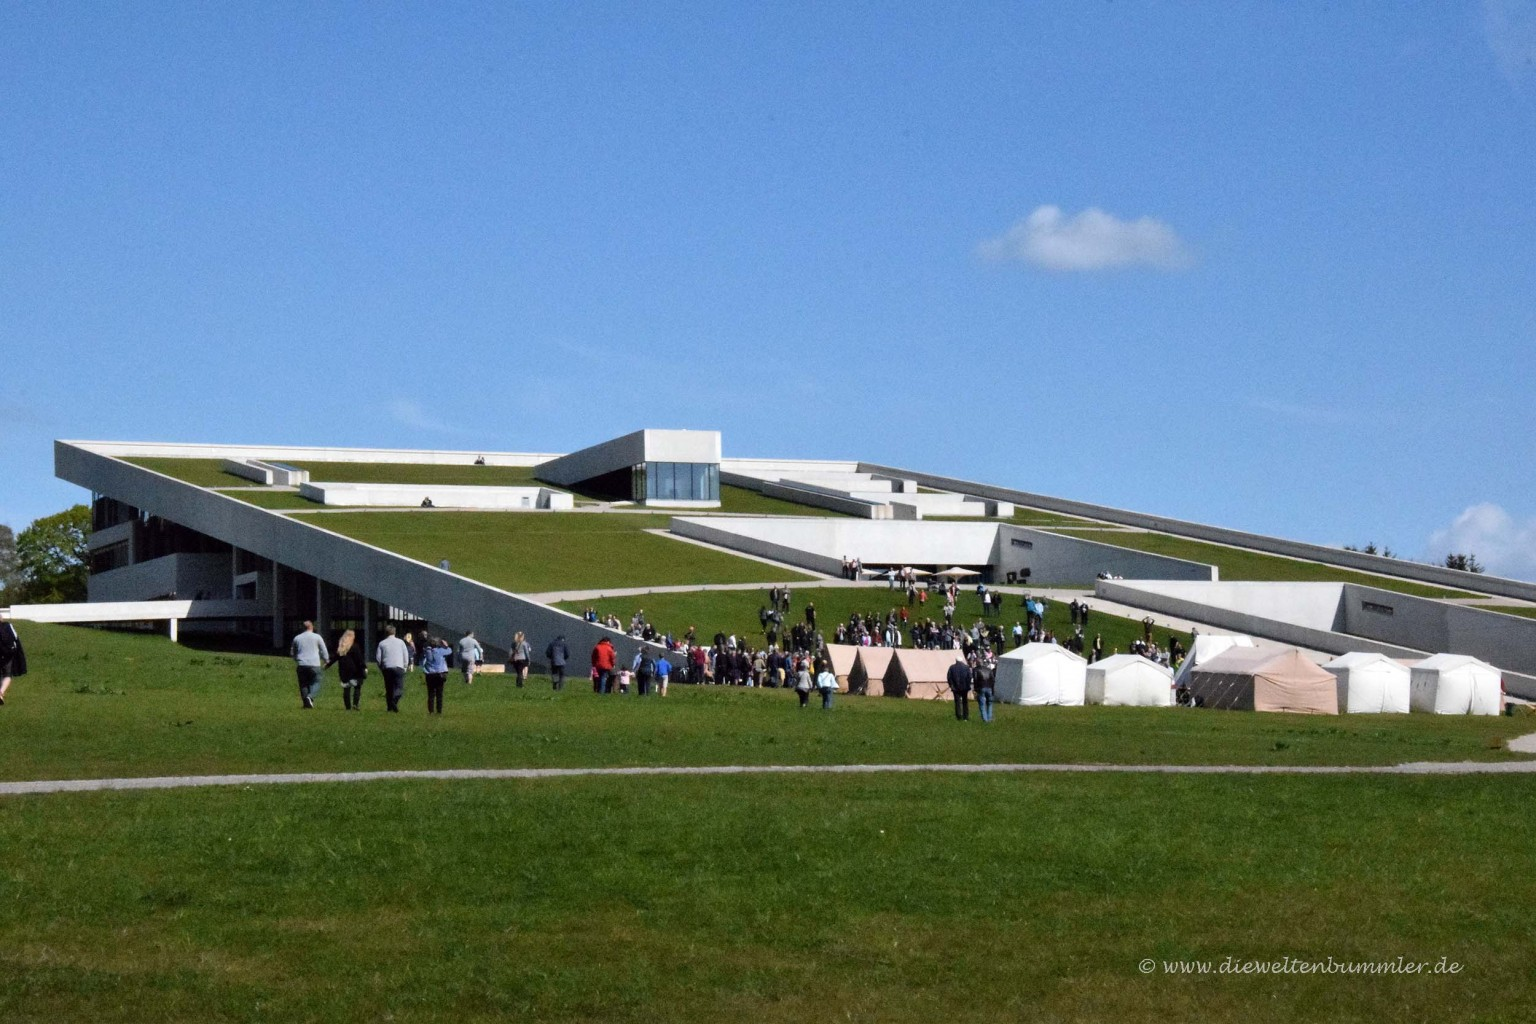 Museum Moesgaard